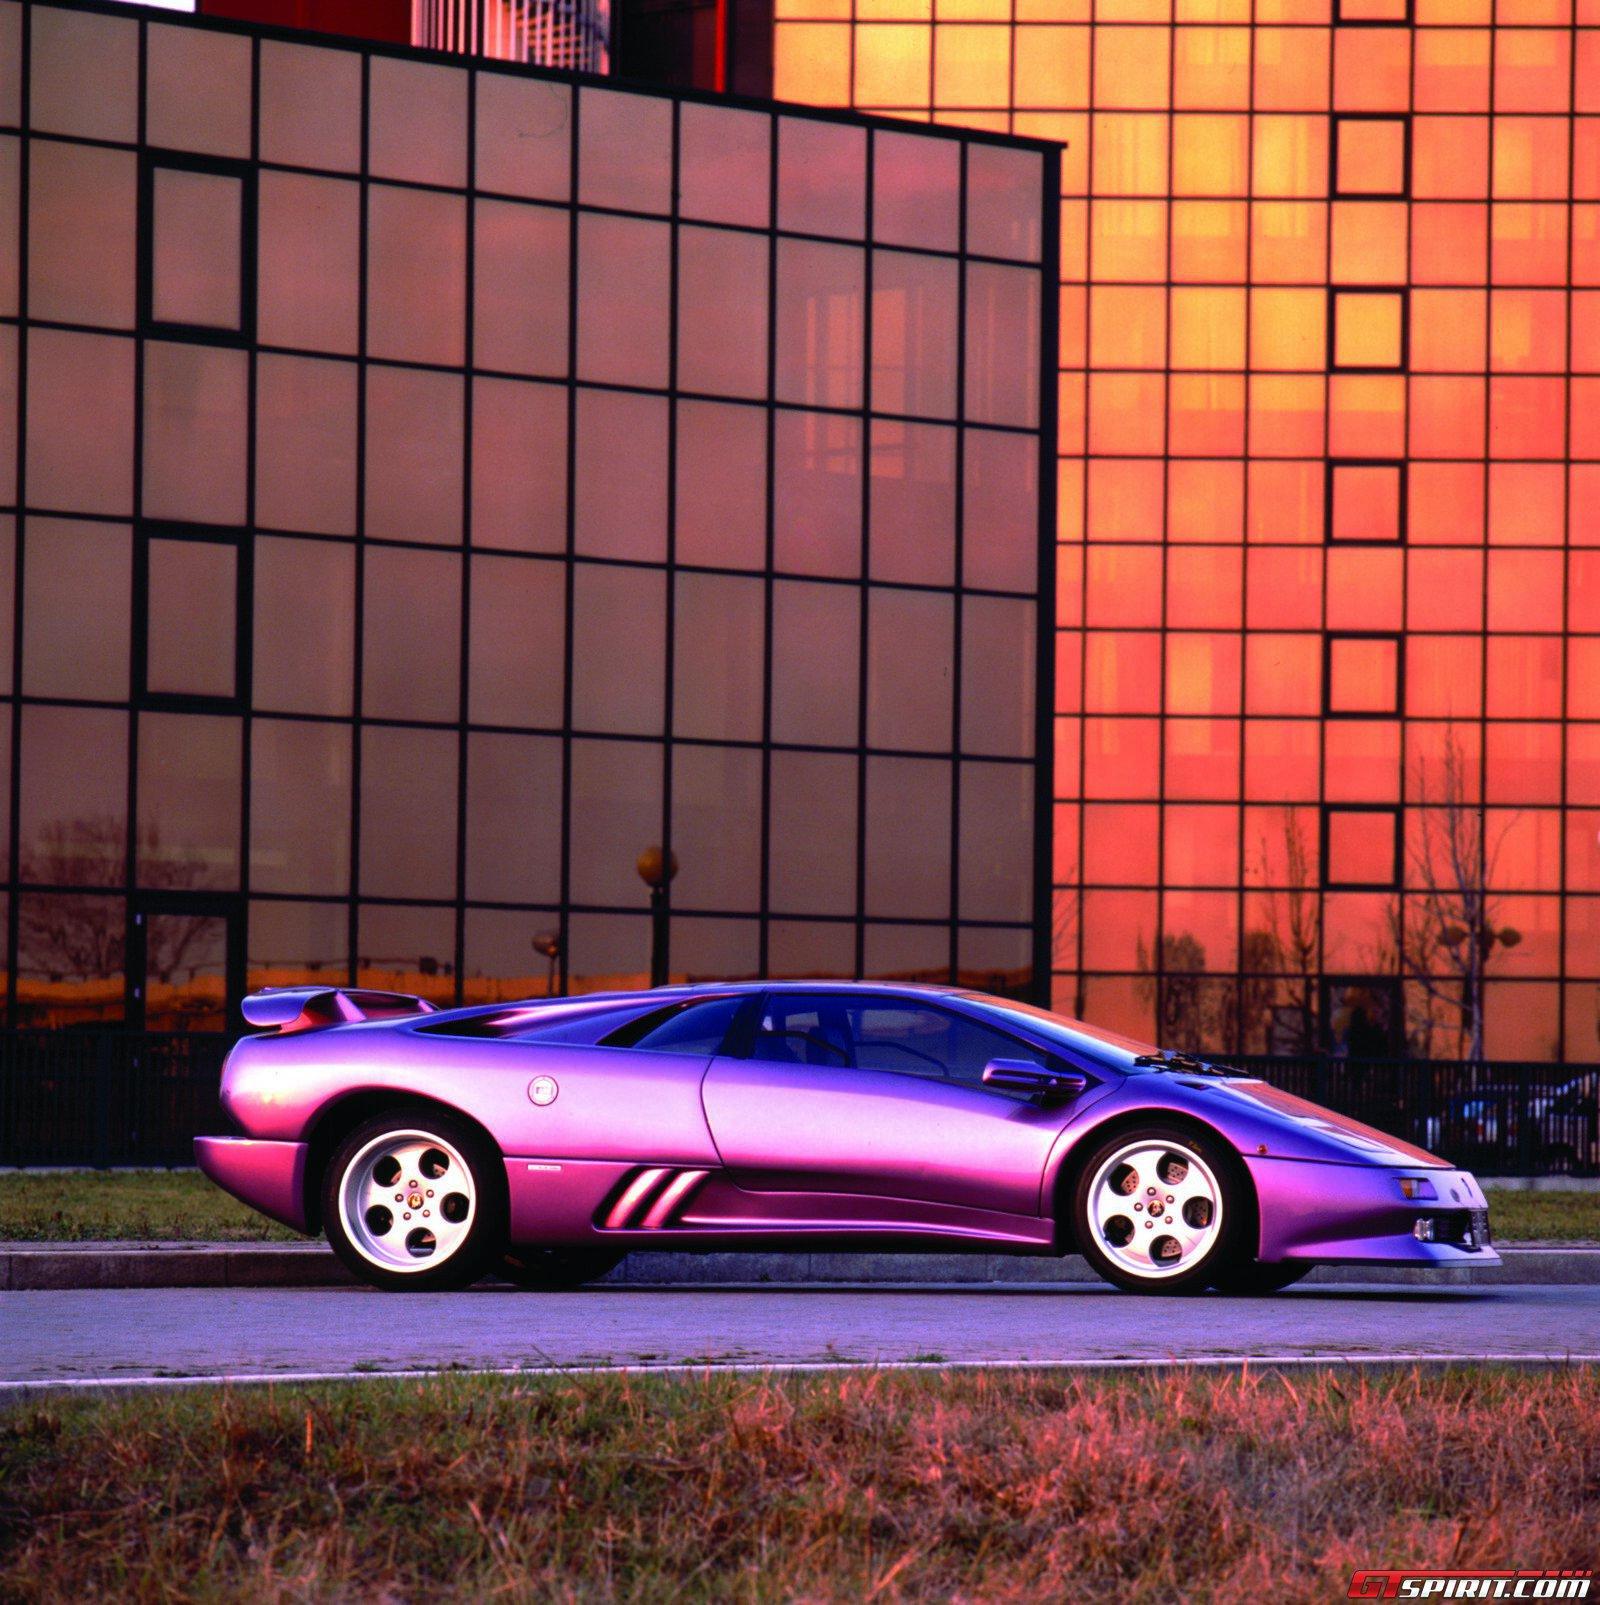 50th Anniversary Model for Lamborghini Photo 3